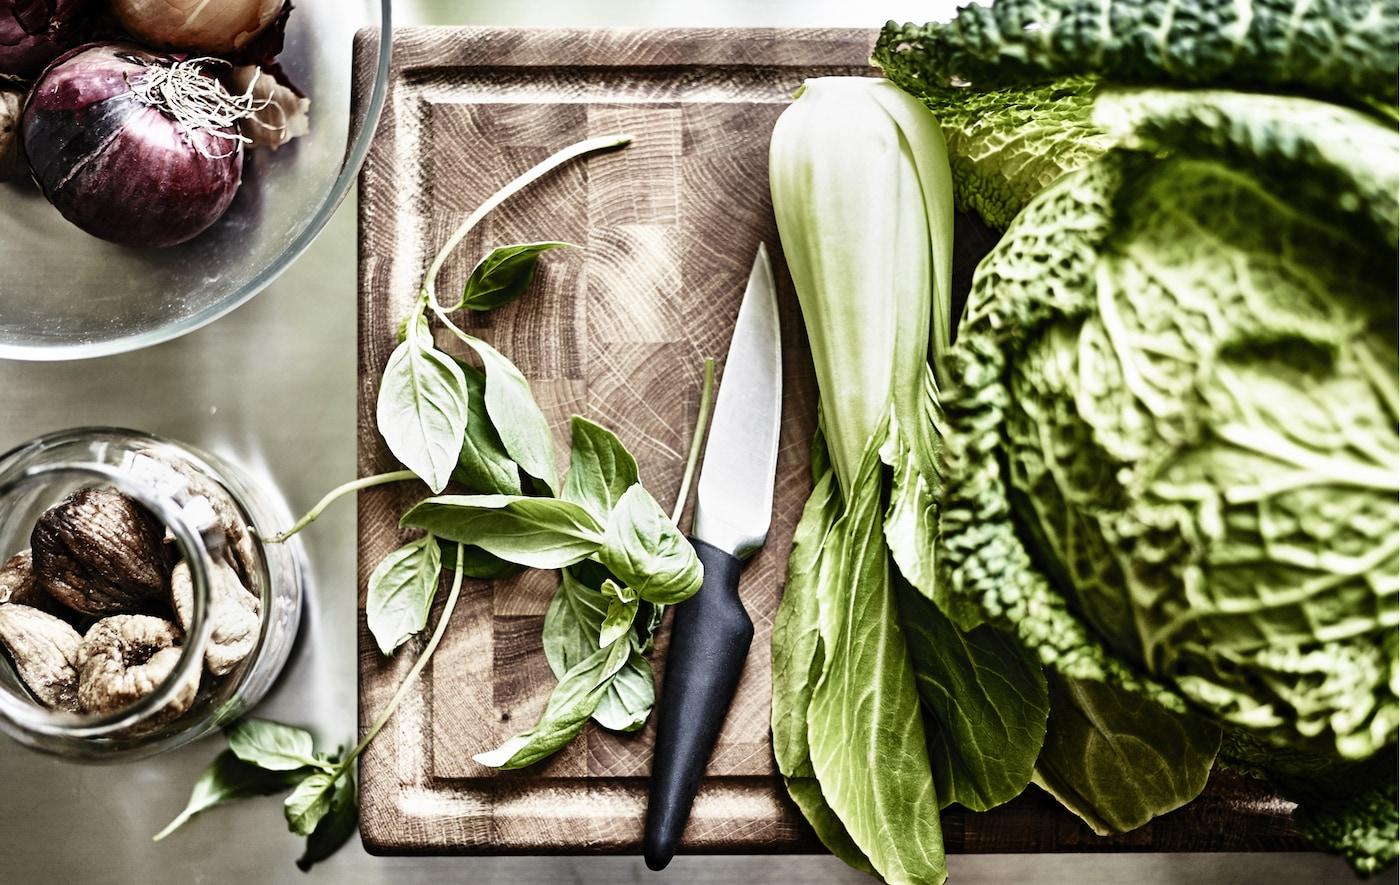 放在木质砧板上的绿色蔬菜和叶子。